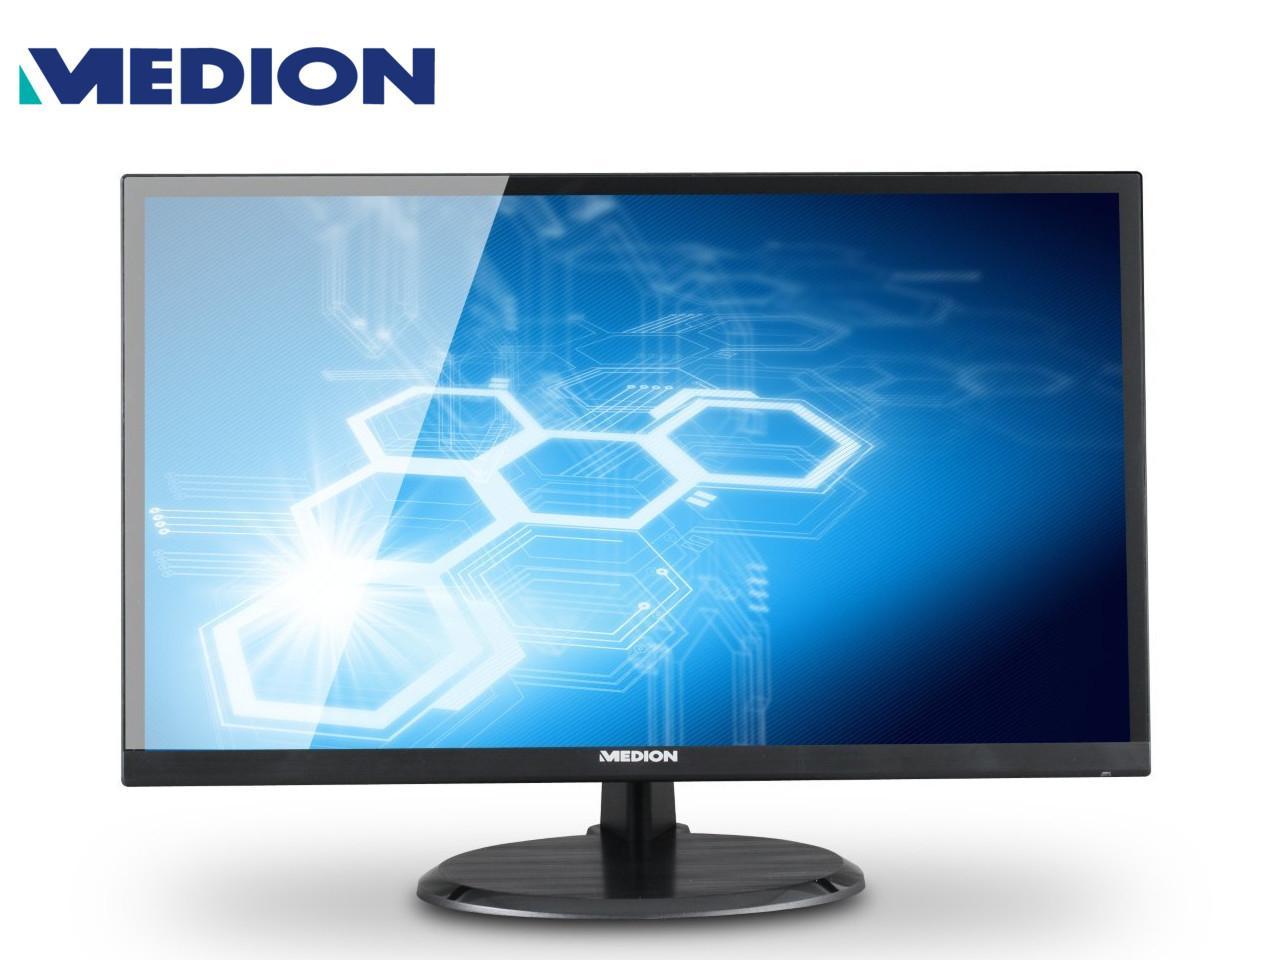 MEDION P55061 (MD 20461) + 100 Kč na dárky nebo další nákup | CHAT on-line podpora PO-PÁ 8-22.00!!